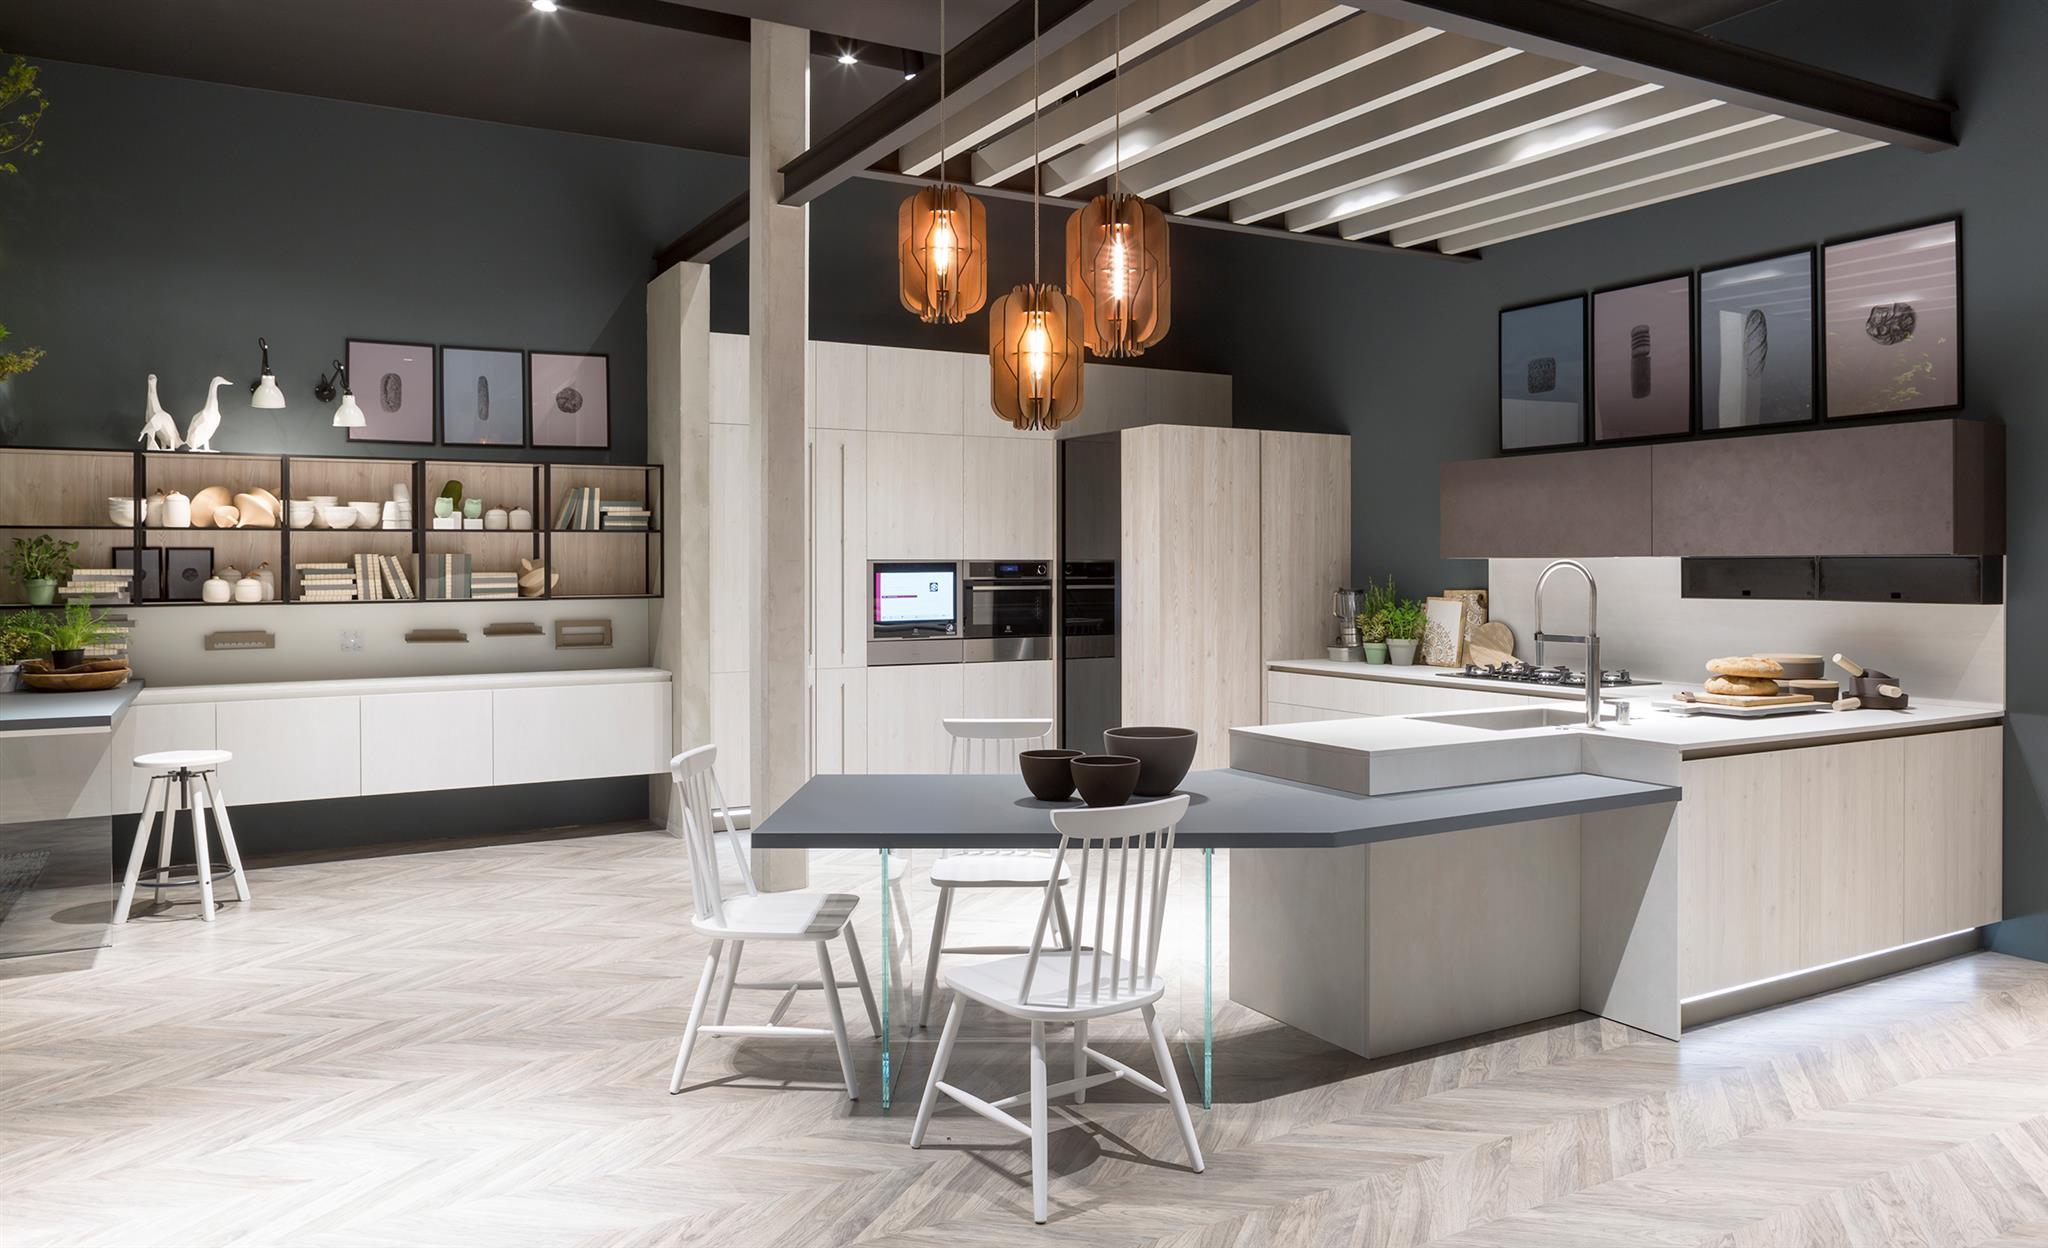 Introduzione alla cucina Stosa Maxim | Stosa Point Roma